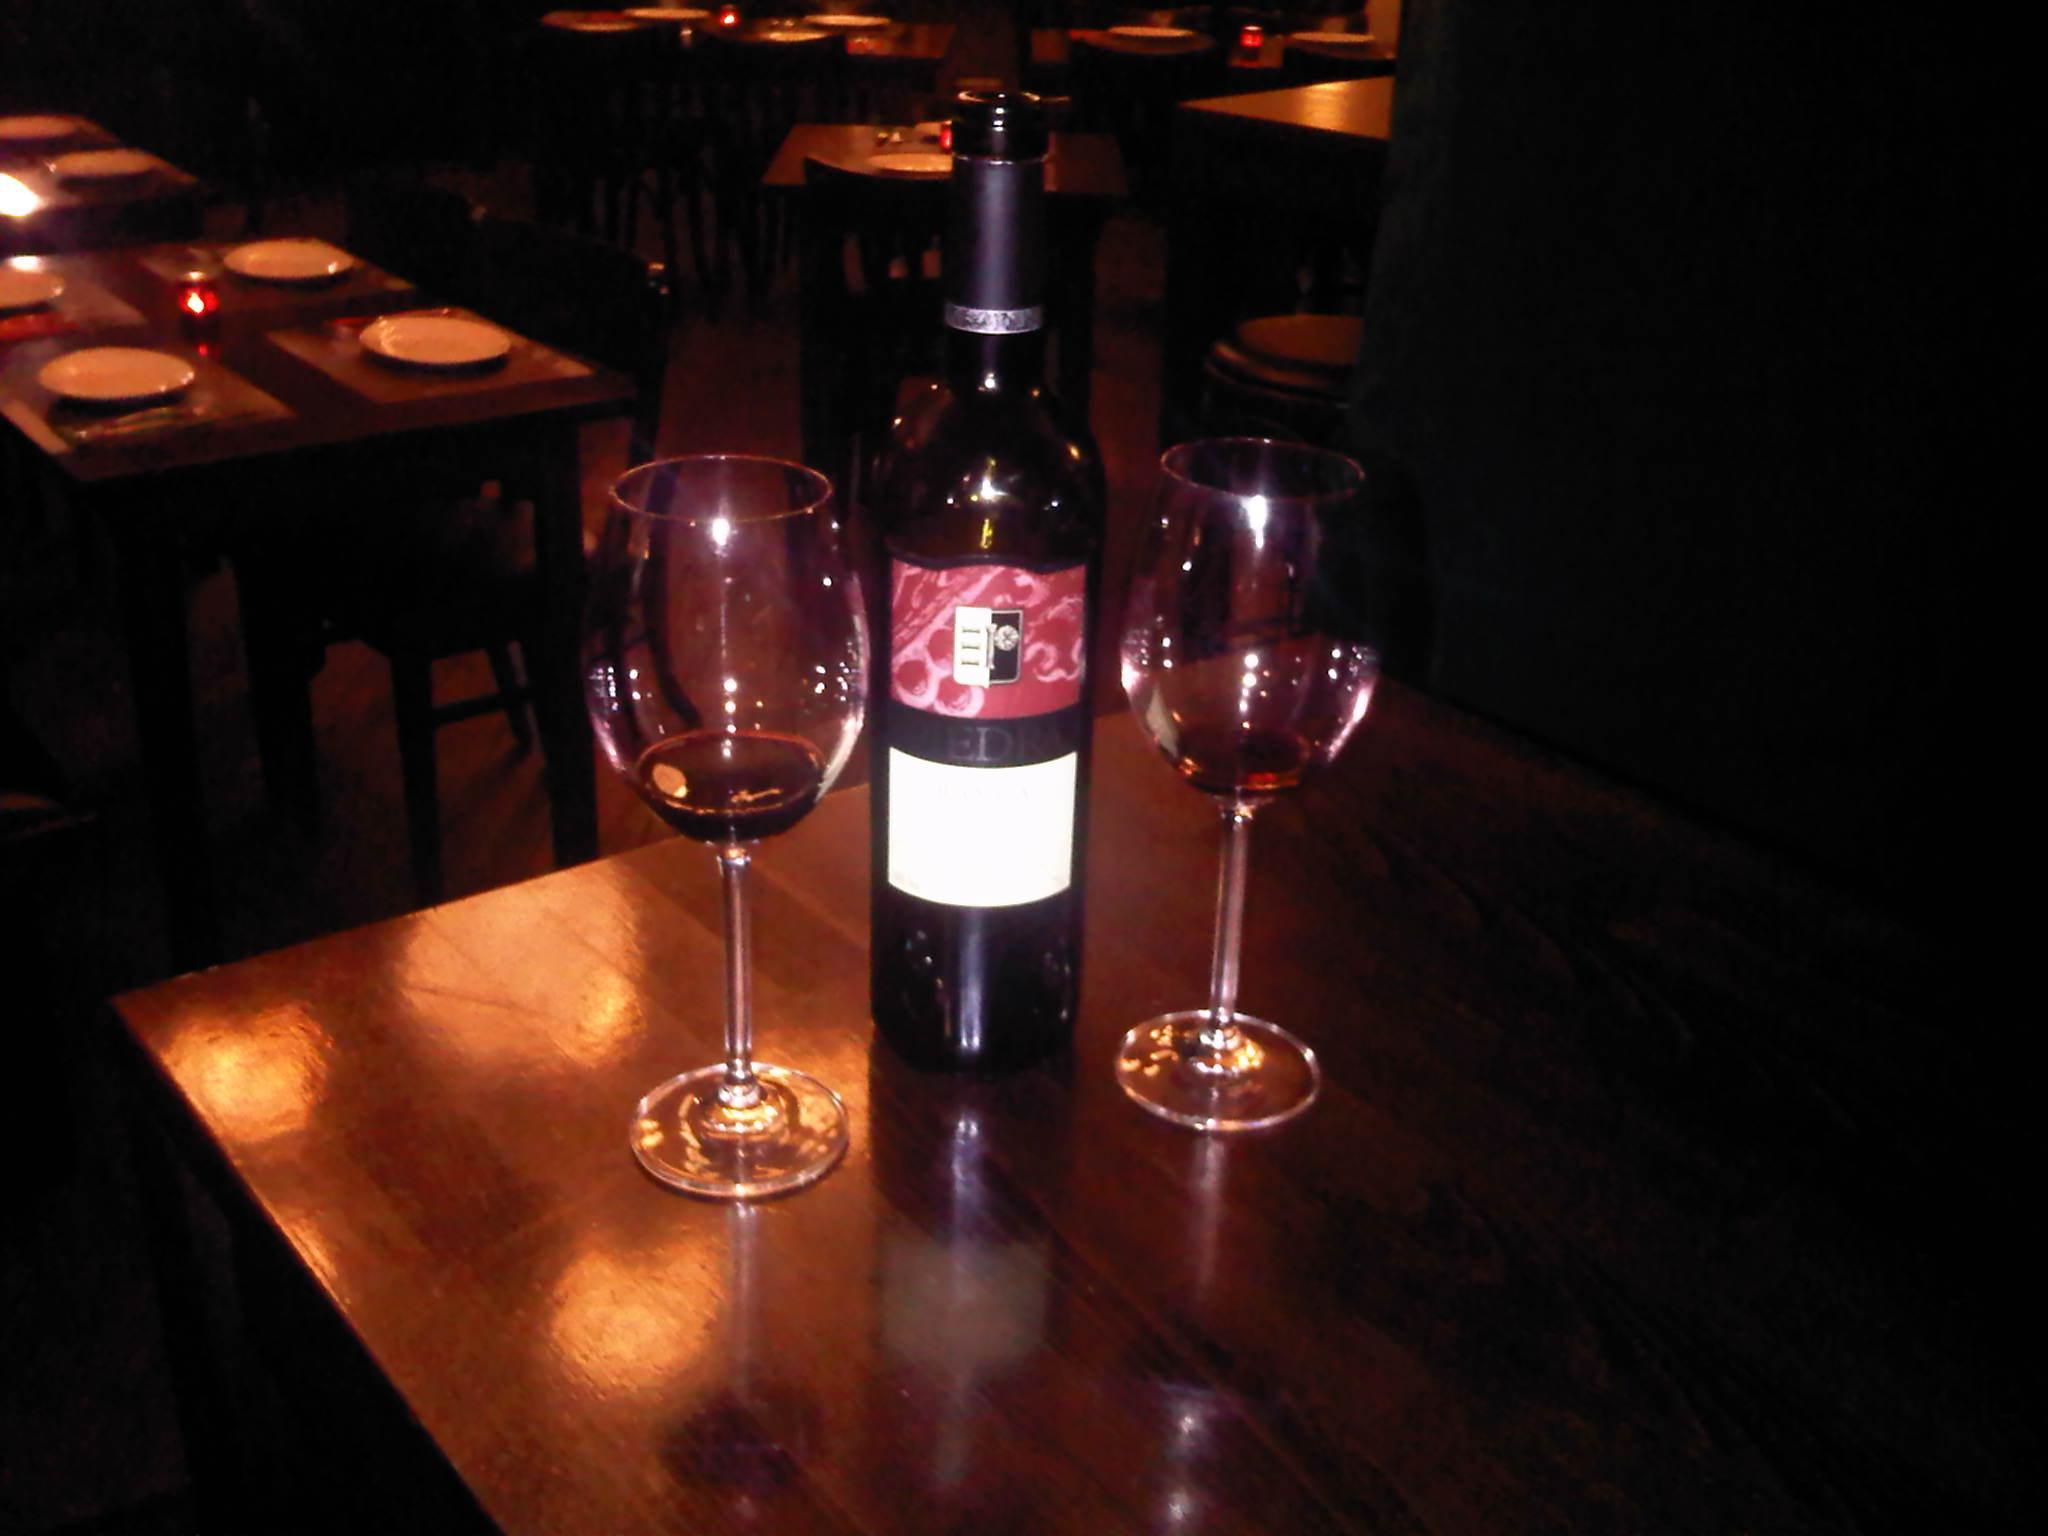 Vino Tinto Piedra Crianza 2006 D.O. Toro , No etiqueta Rioja sino Roja